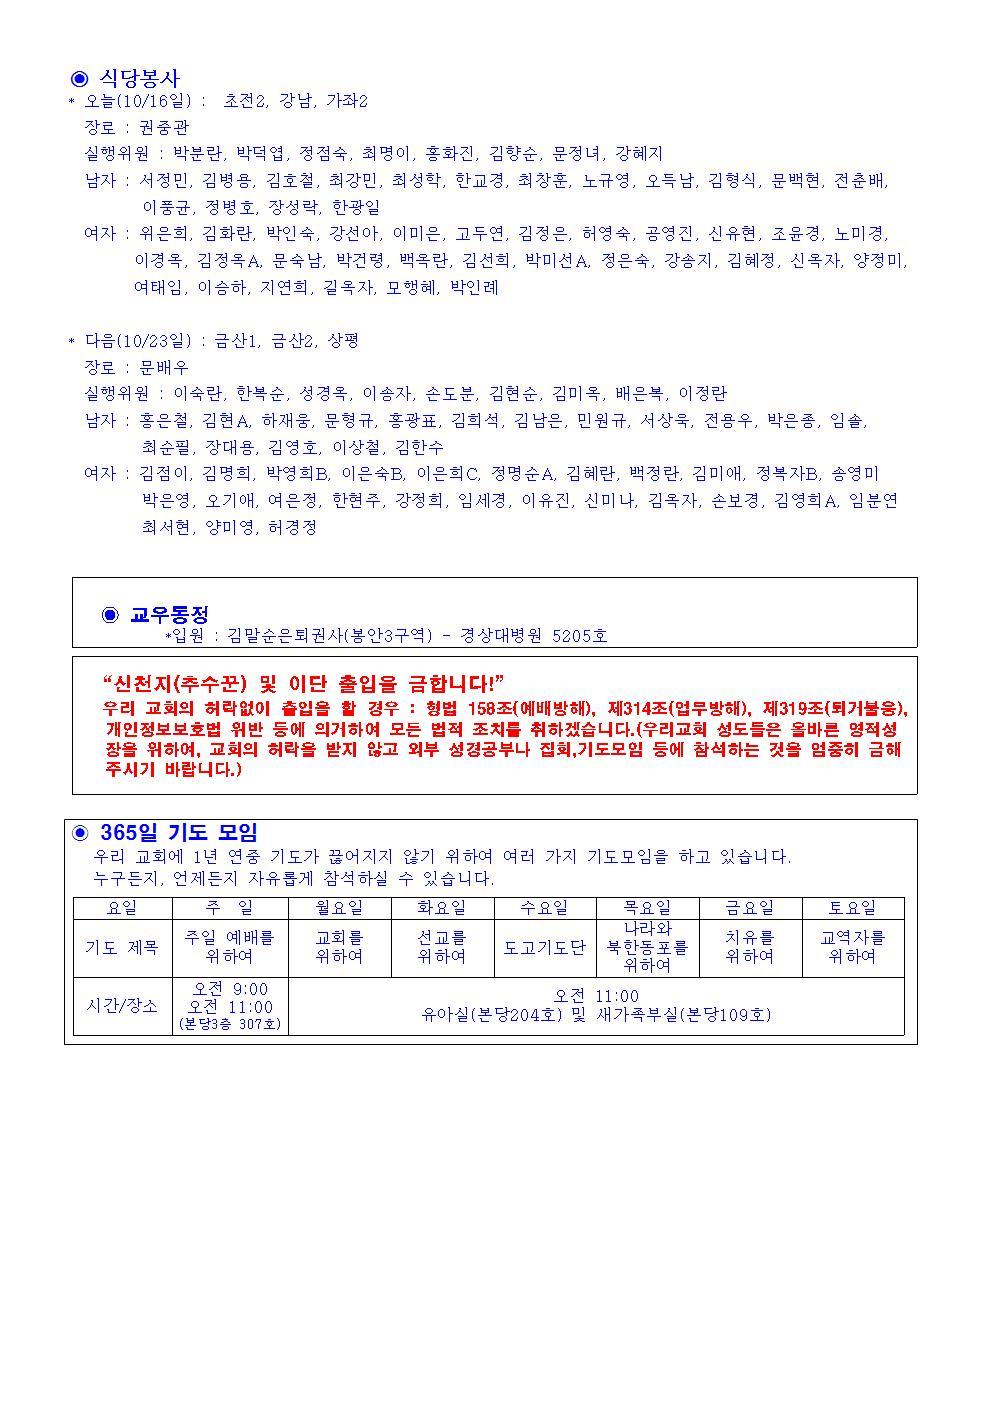 2016년 10월 16일 교회소식002.jpg